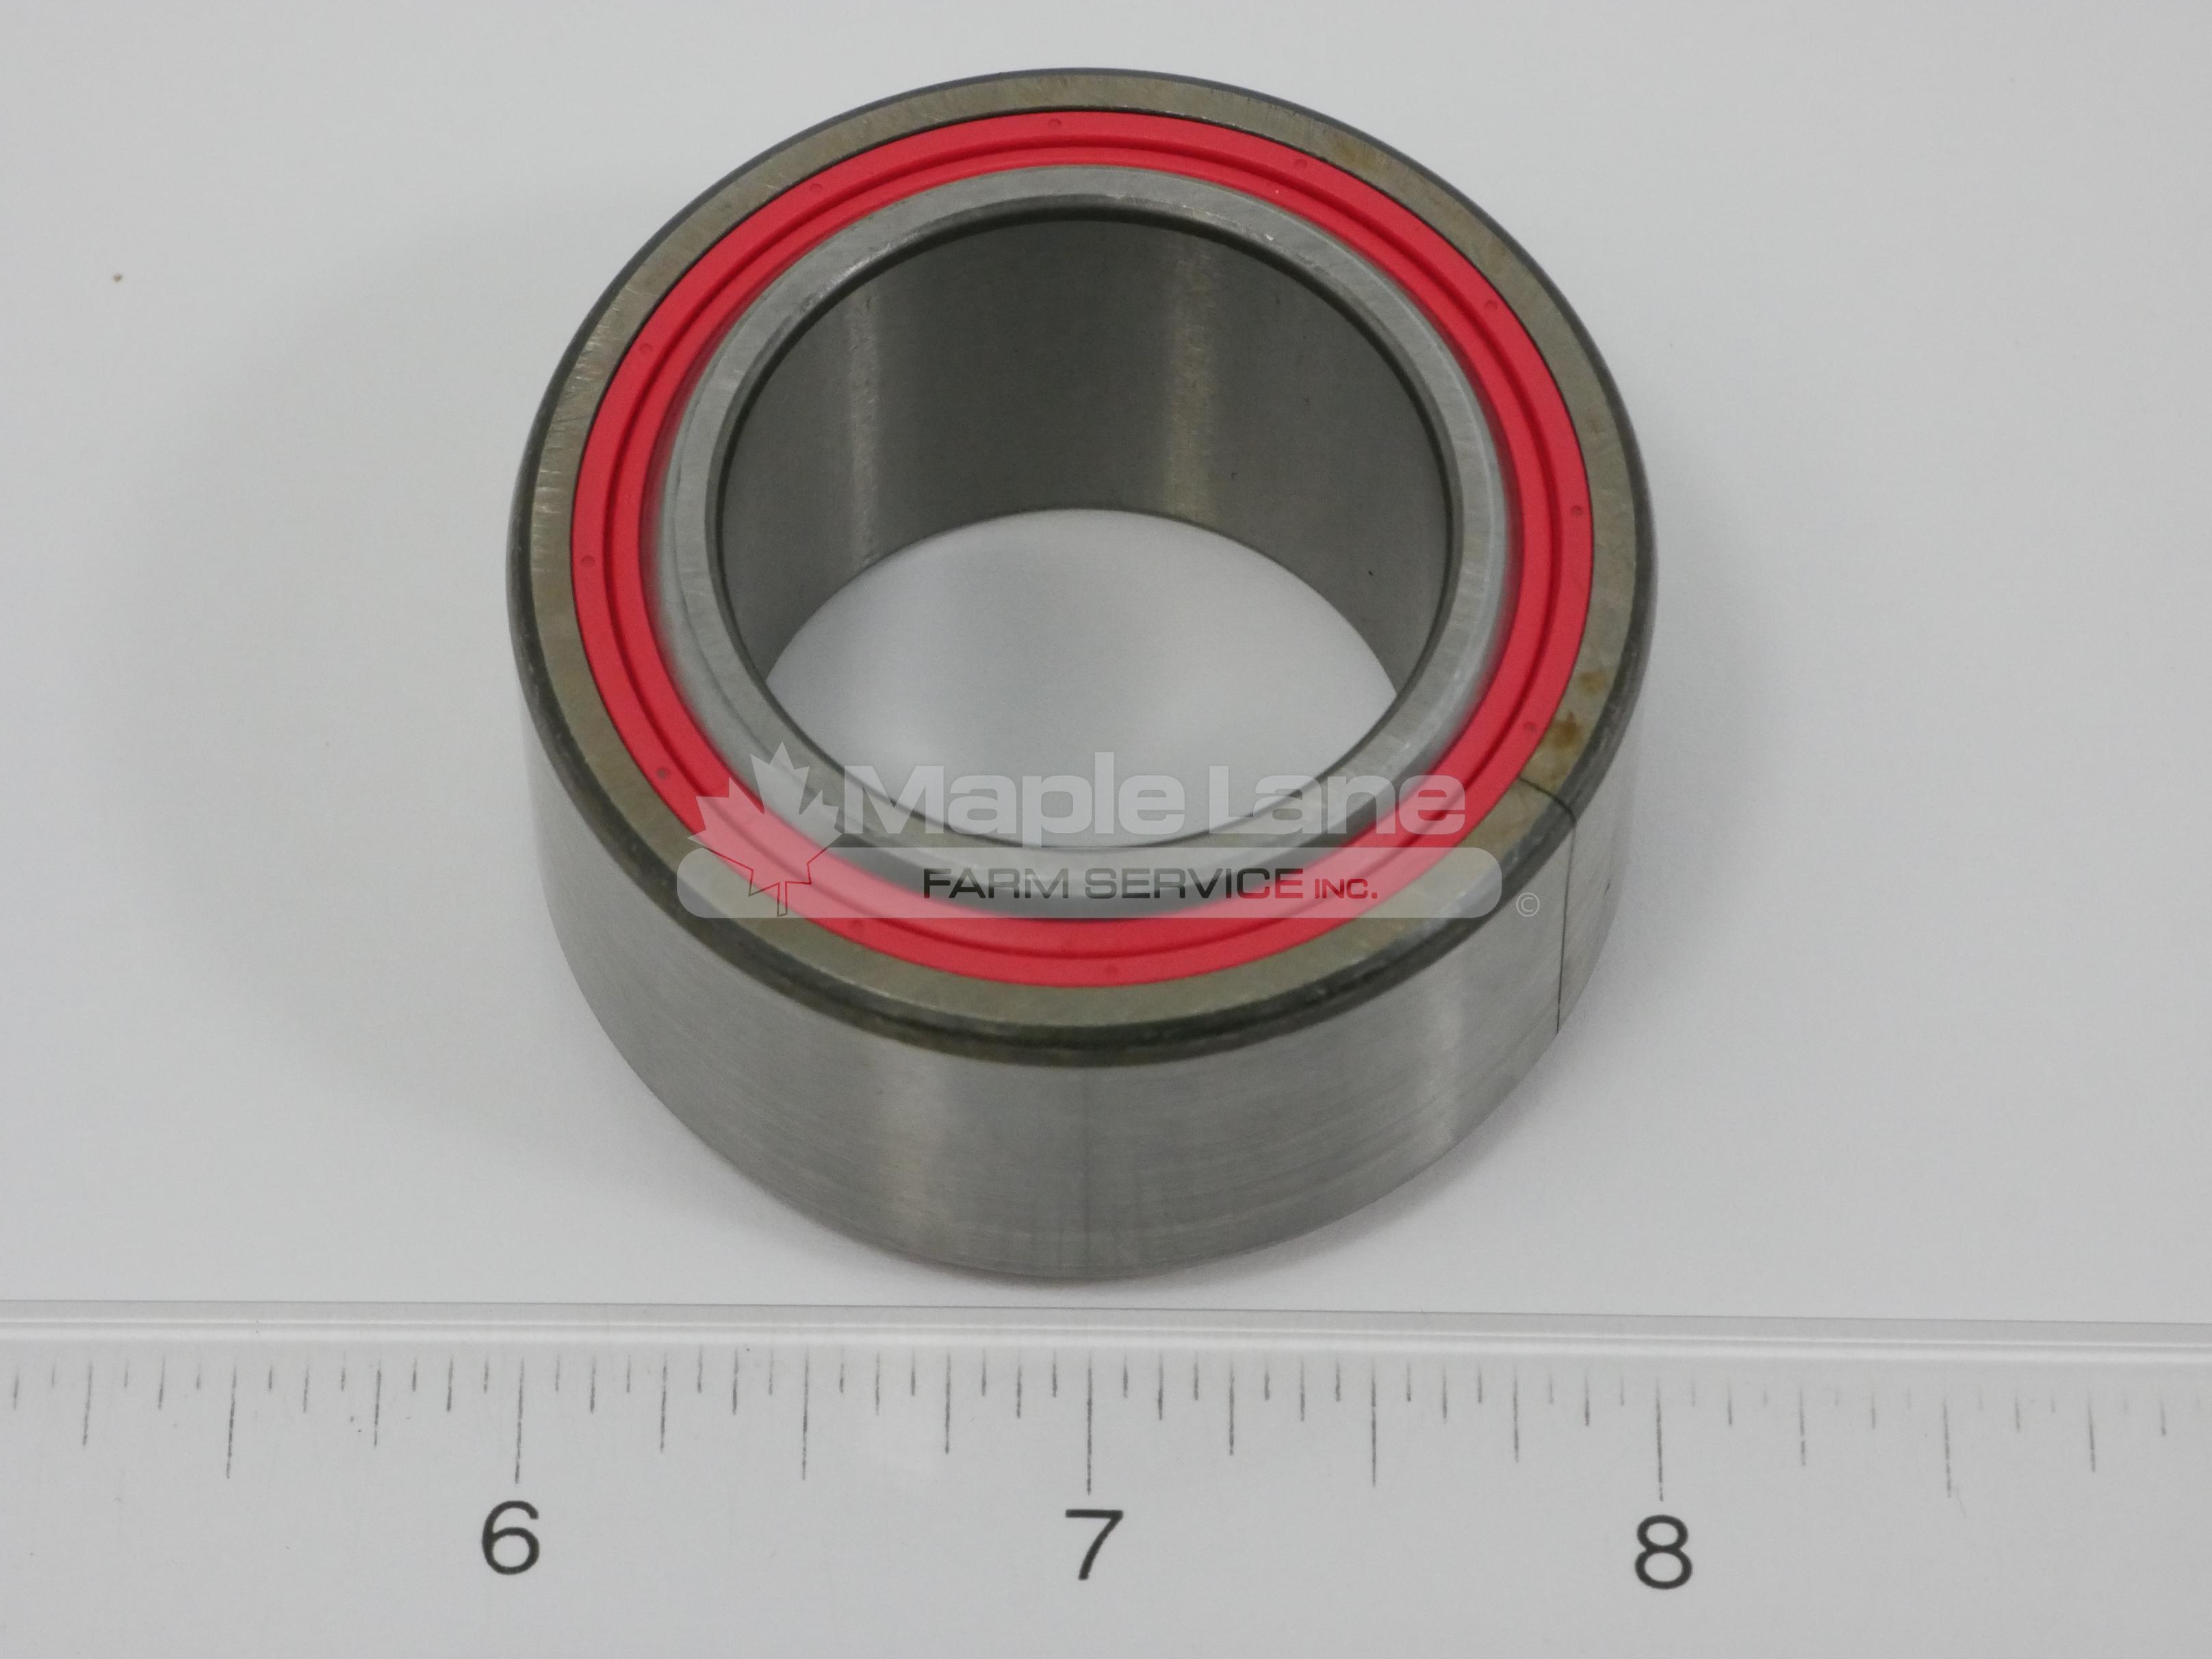 ACW1097380 Bearing